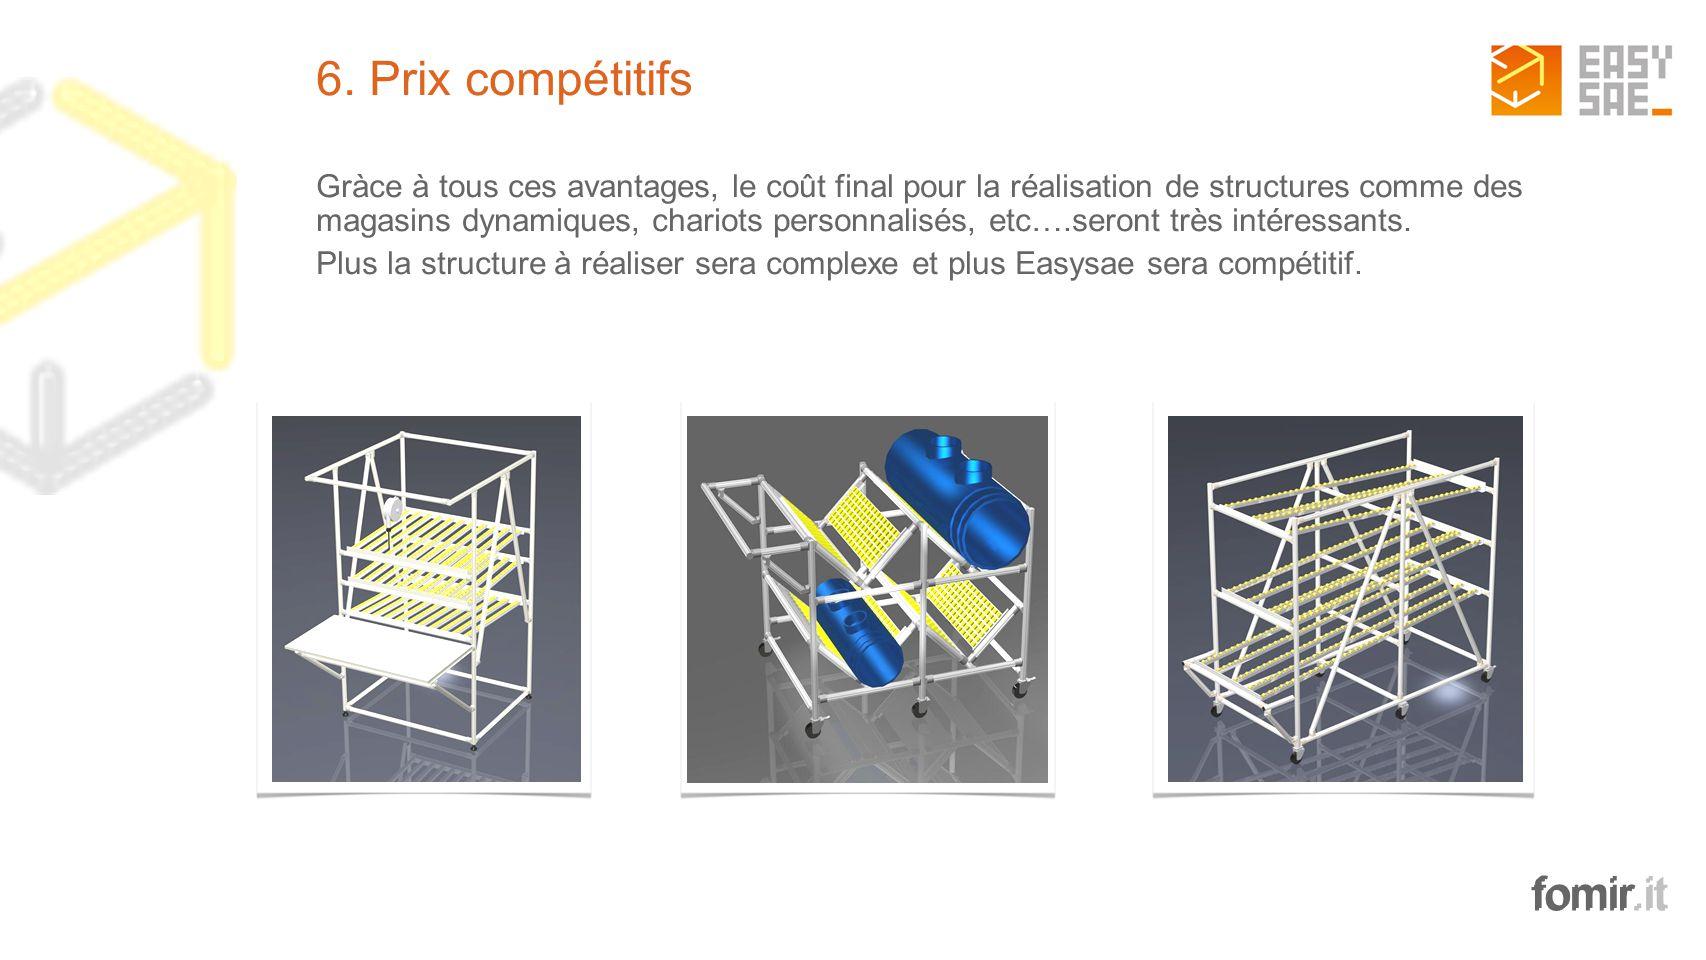 fomir.it 6. Prix compétitifs Gràce à tous ces avantages, le coût final pour la réalisation de structures comme des magasins dynamiques, chariots perso